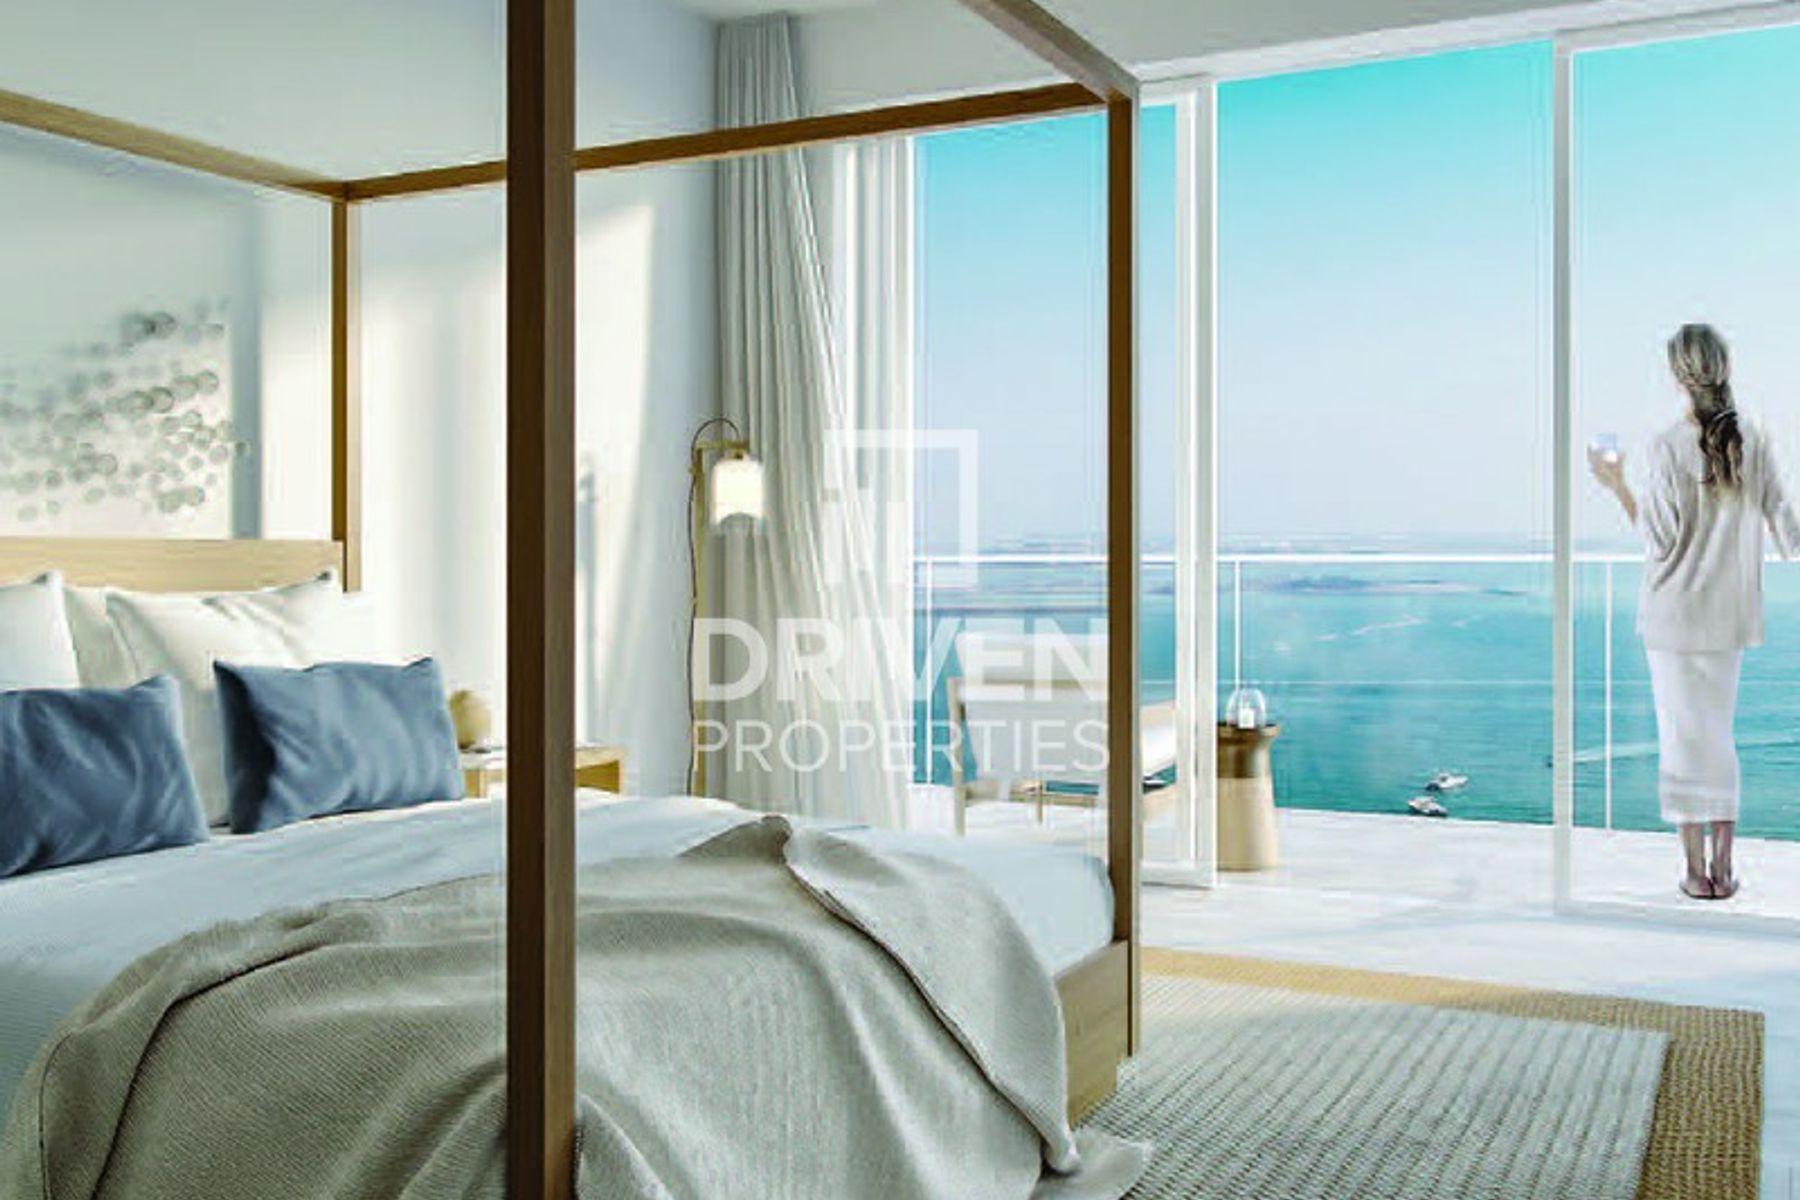 3,050 قدم مربع  شقة - للبيع - مساكن شاطئ الجميرا